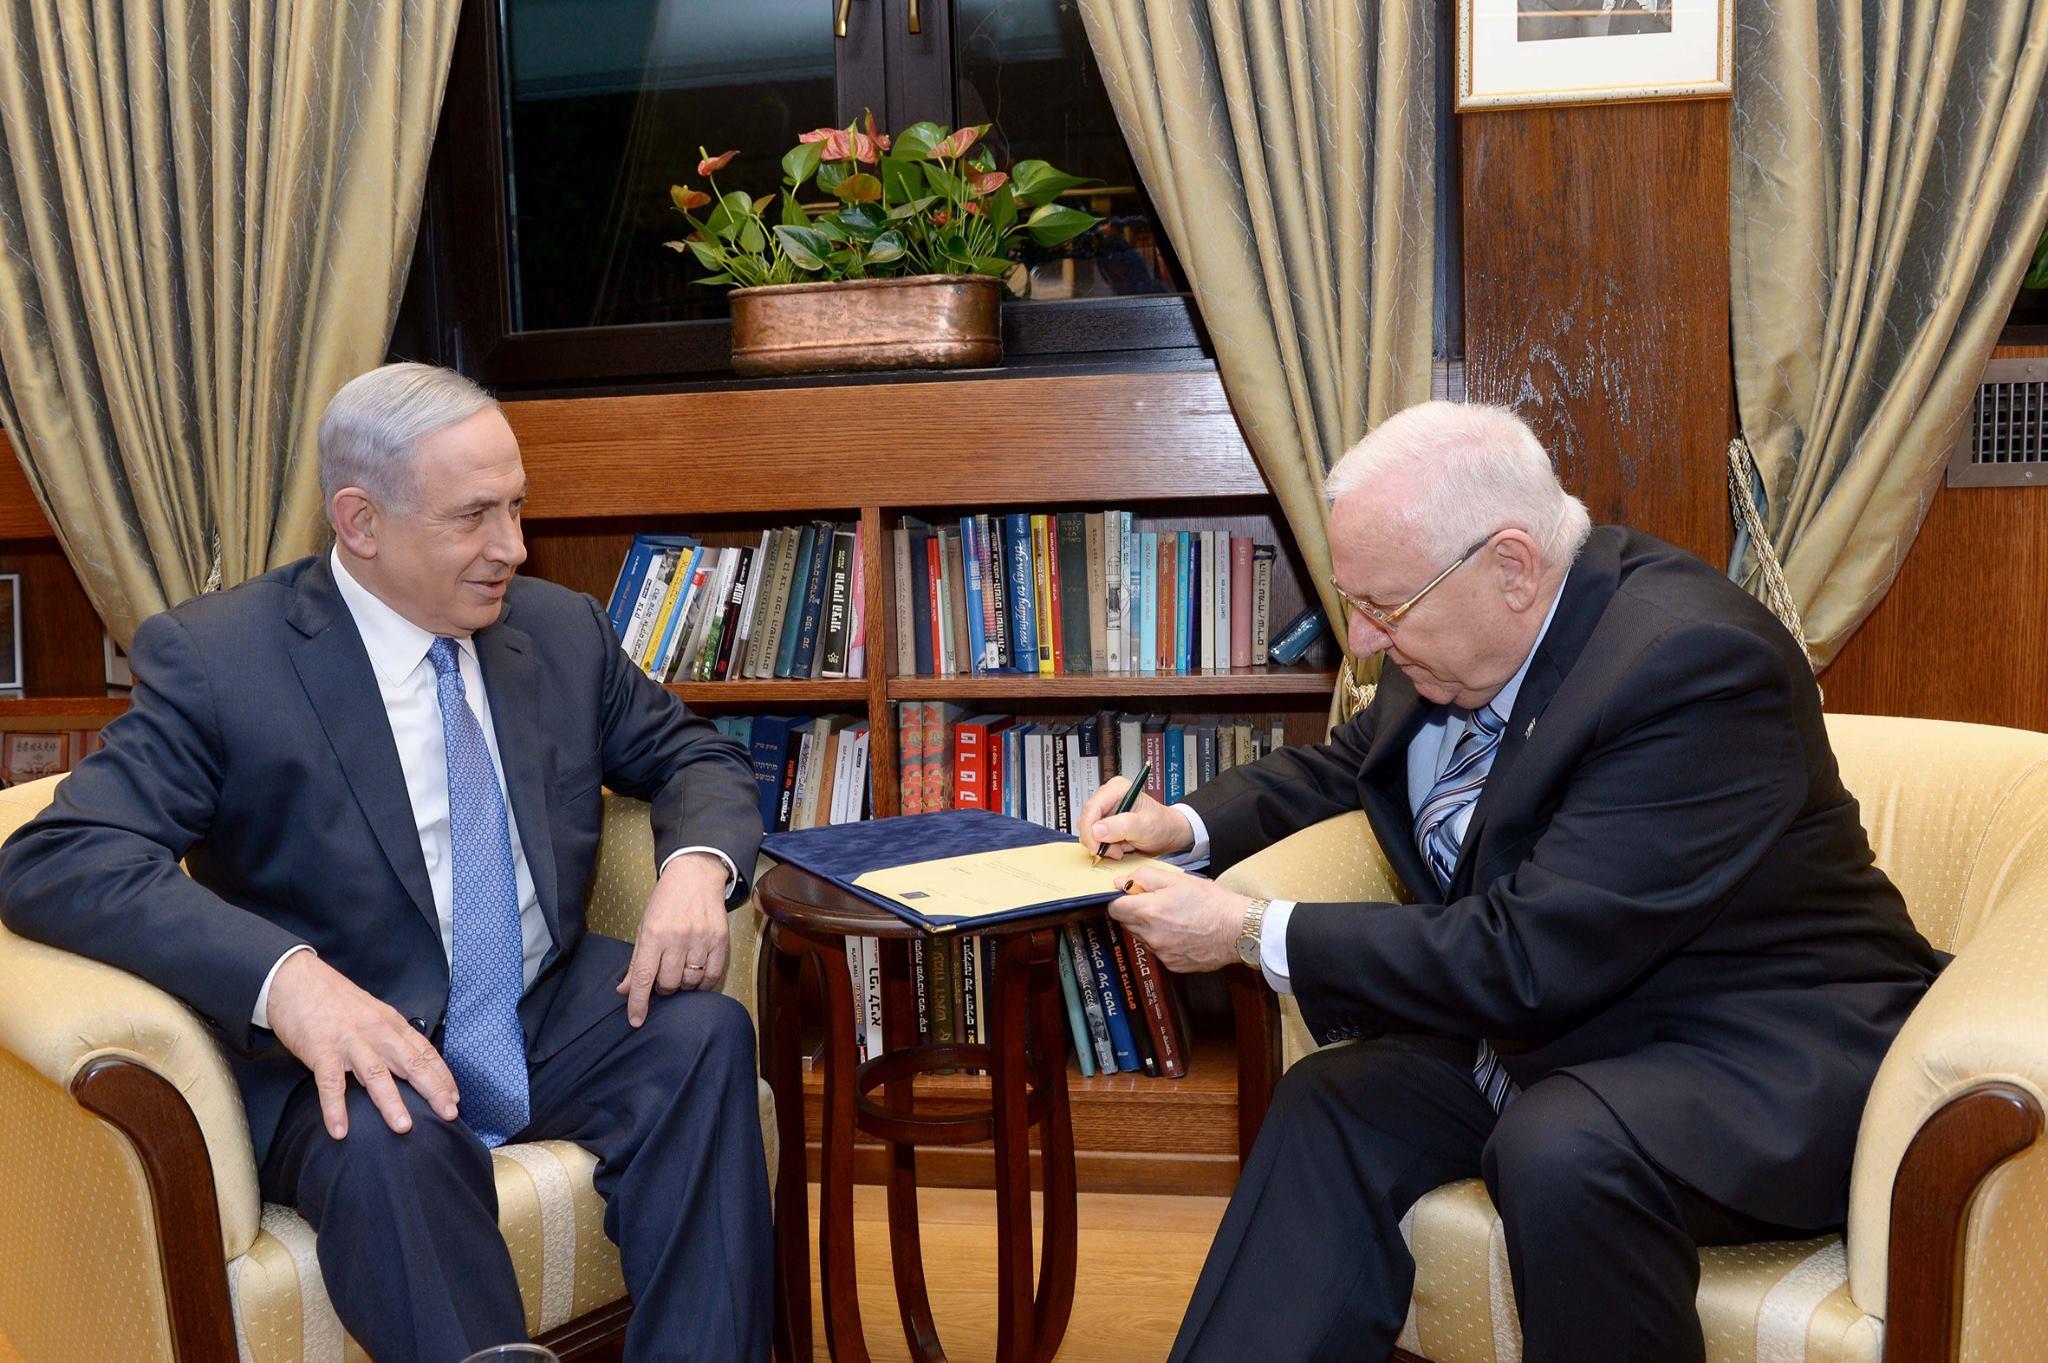 """הנשיא ראובן ריבלין חותם על הענקת המנדט להרכבת הממשלה,לבנימין נתניהו. צילום: אבי אוחיון, לע""""מ"""